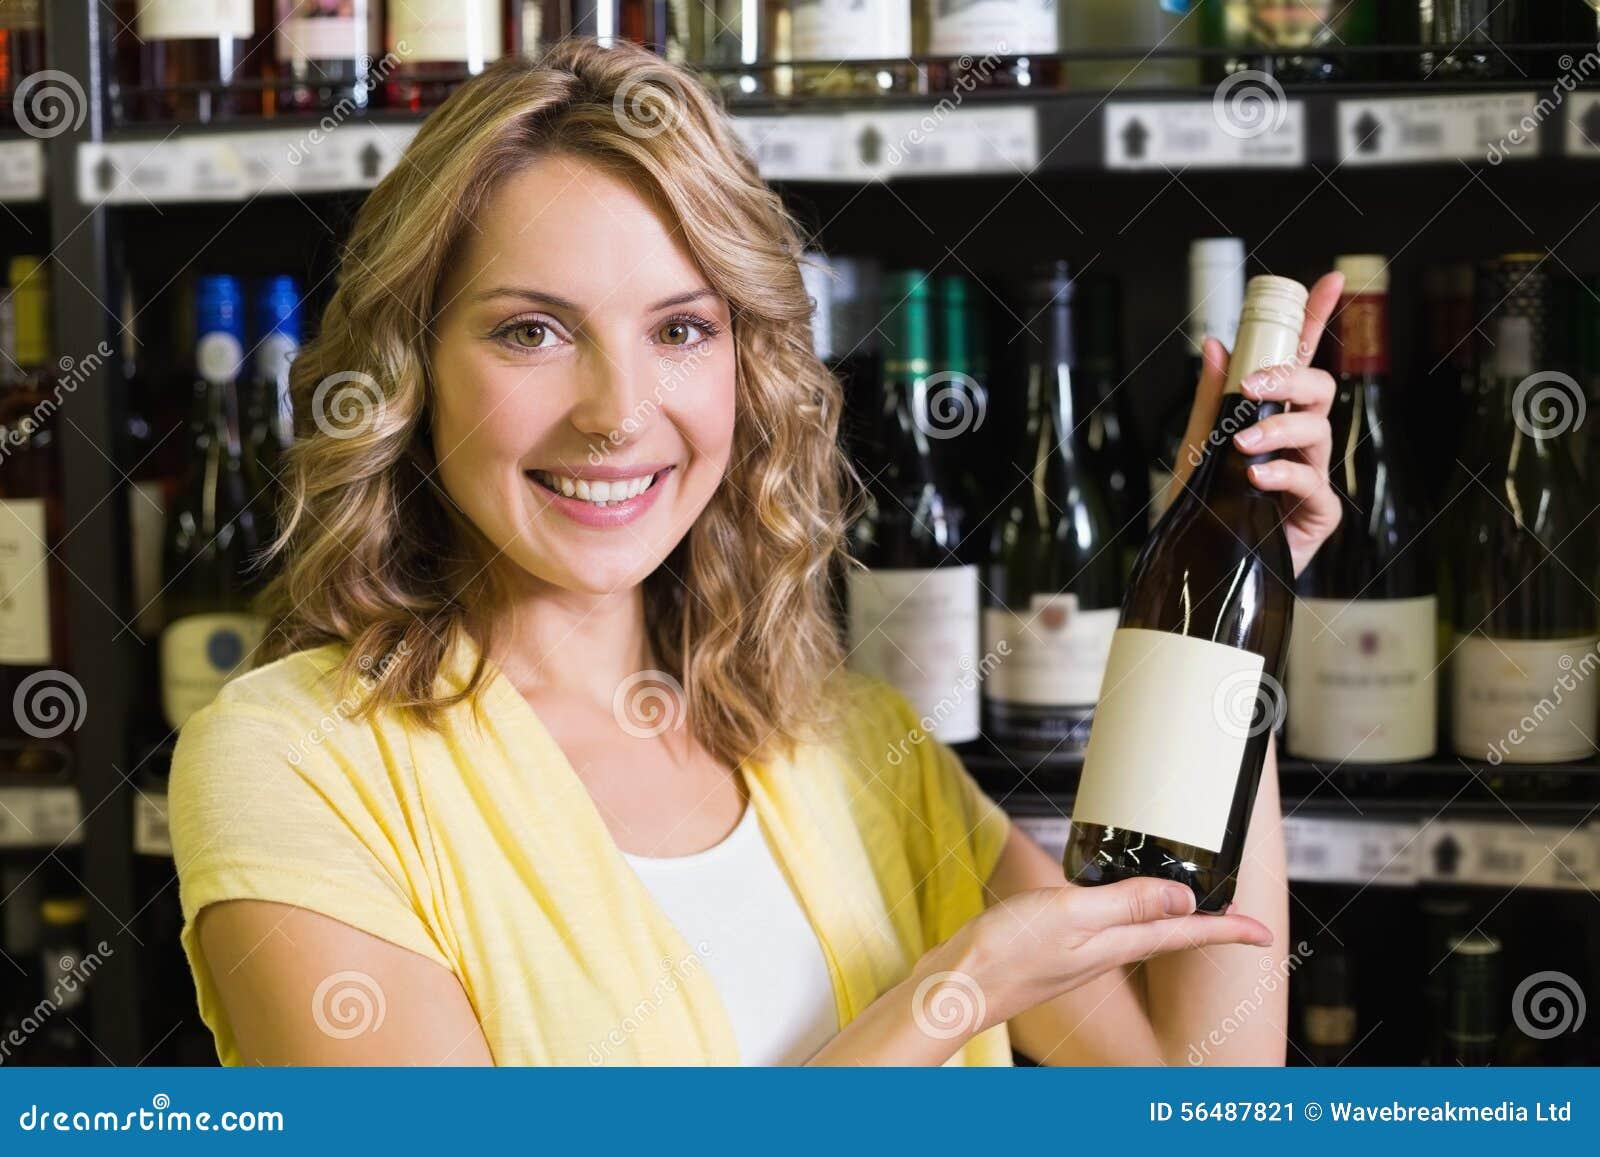 Portrait d un sourire femme assez blonde montrant une bouteille de vin